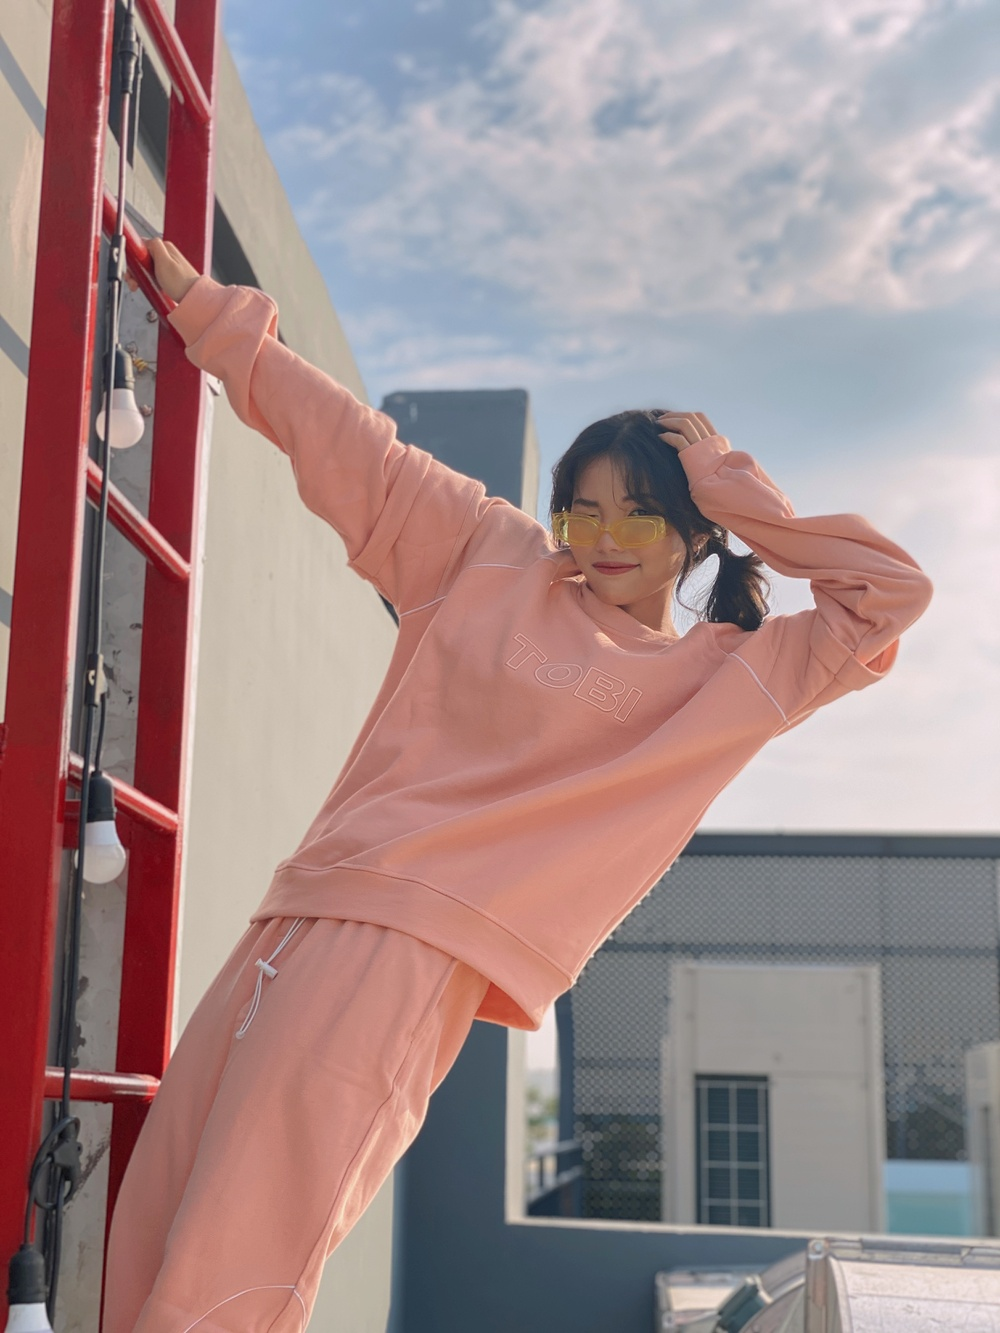 'Út cưng' Kira Kira (P336 band) kể chuyện hành trình tuổi trẻ qua MV solo vào đúng sinh nhật 16 tuổi Ảnh 3